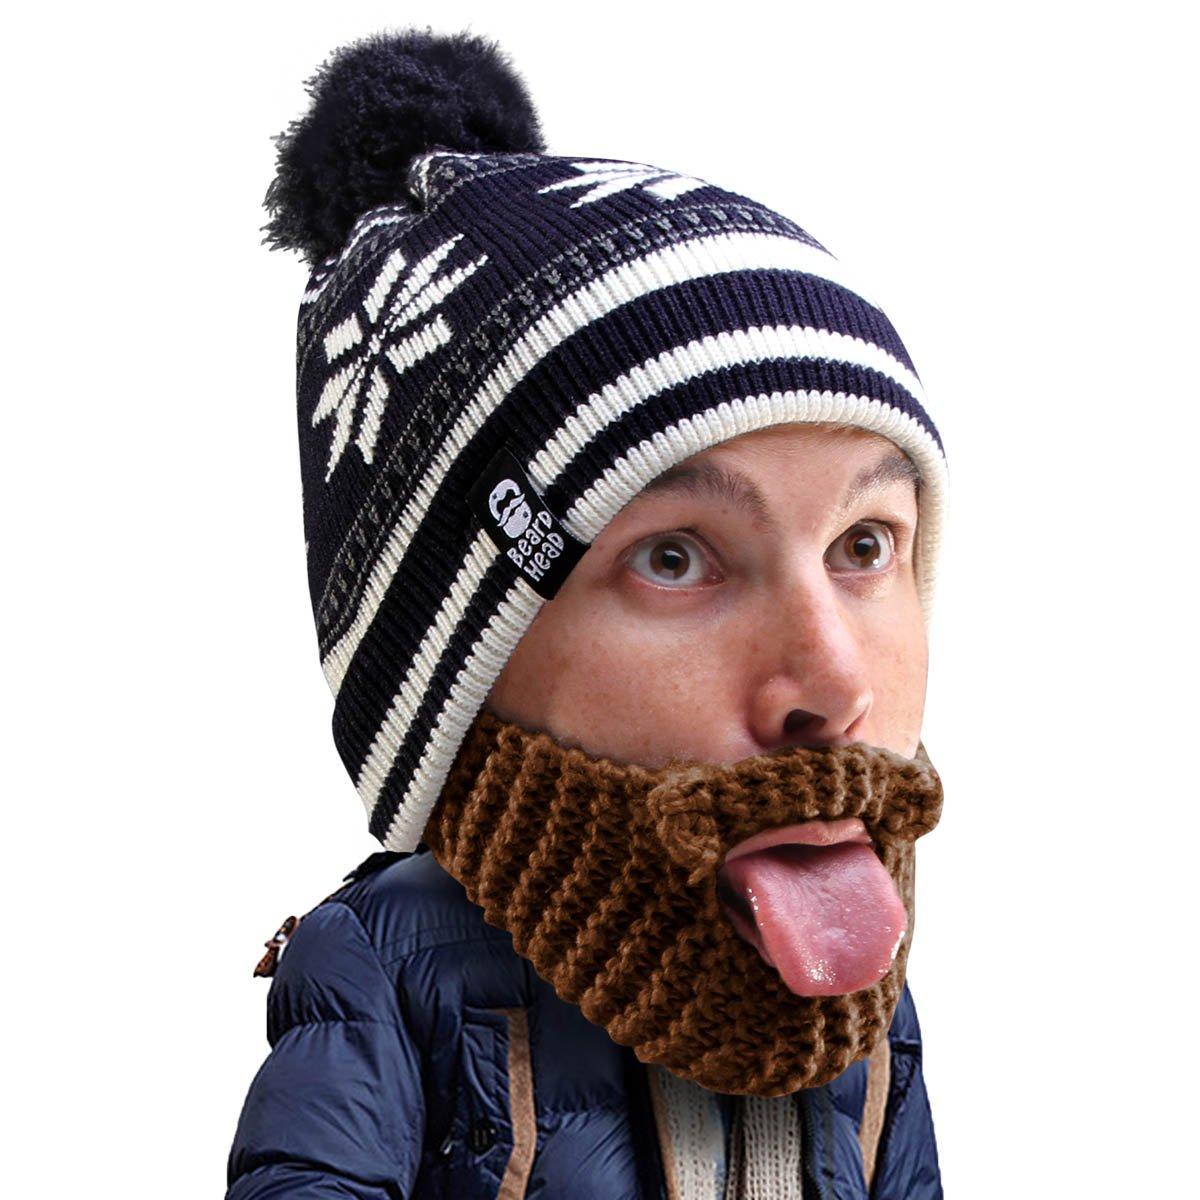 Beard Head Stubble Bumper Beard Beanie - Funny Winter Hat w/Fake Beard STB1003BL